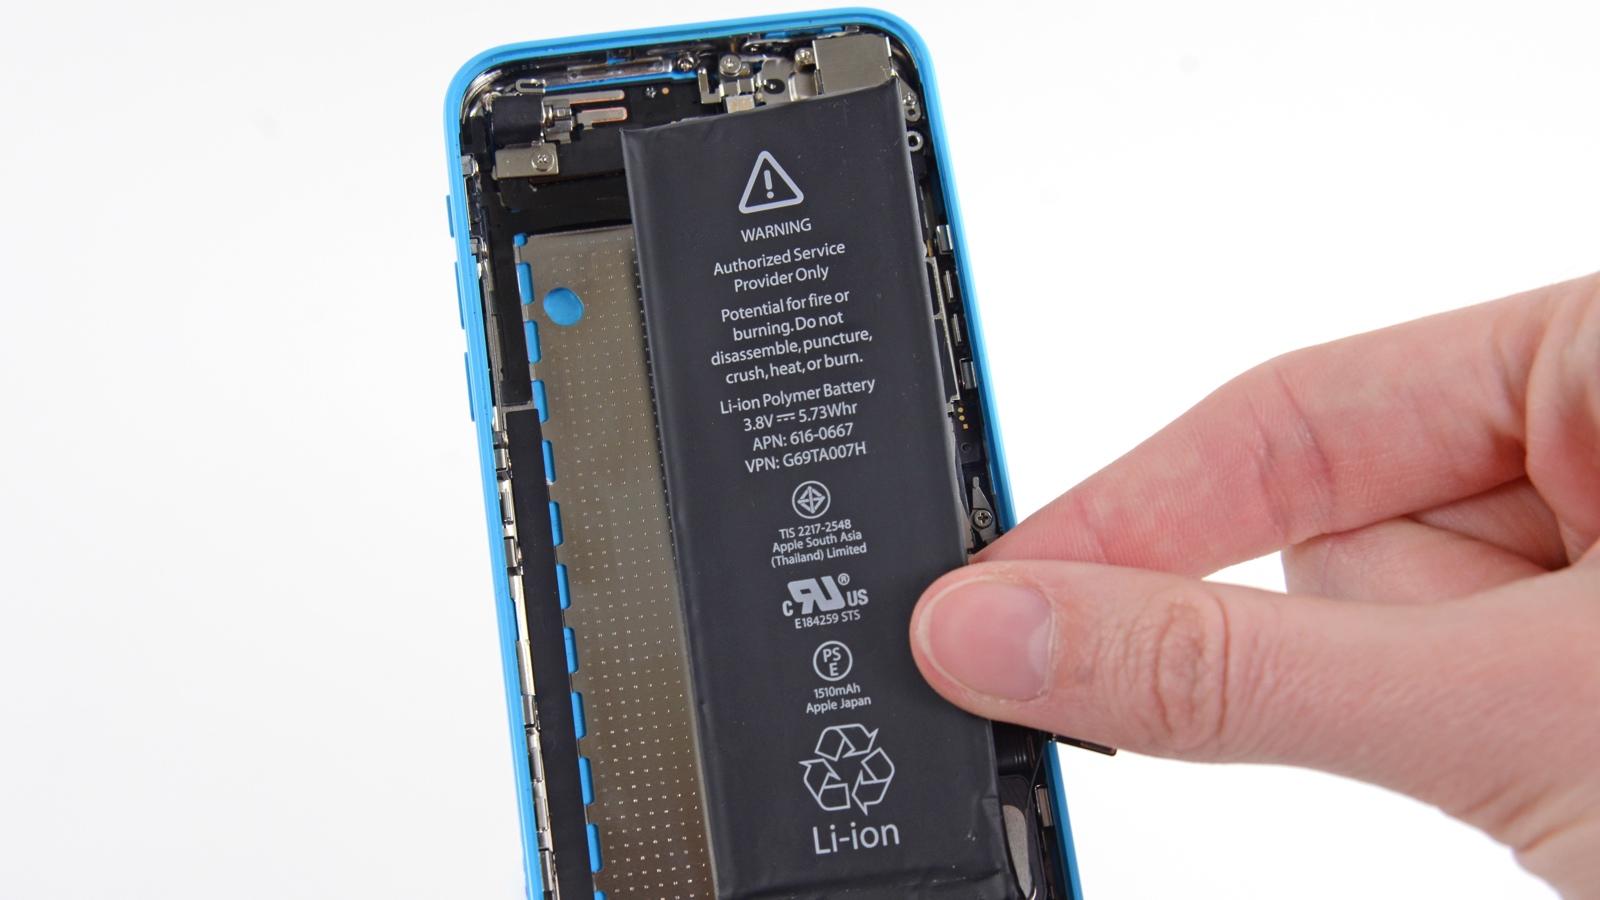 ФБР попросила взломать iPhone террориста из Сан-Бернардино